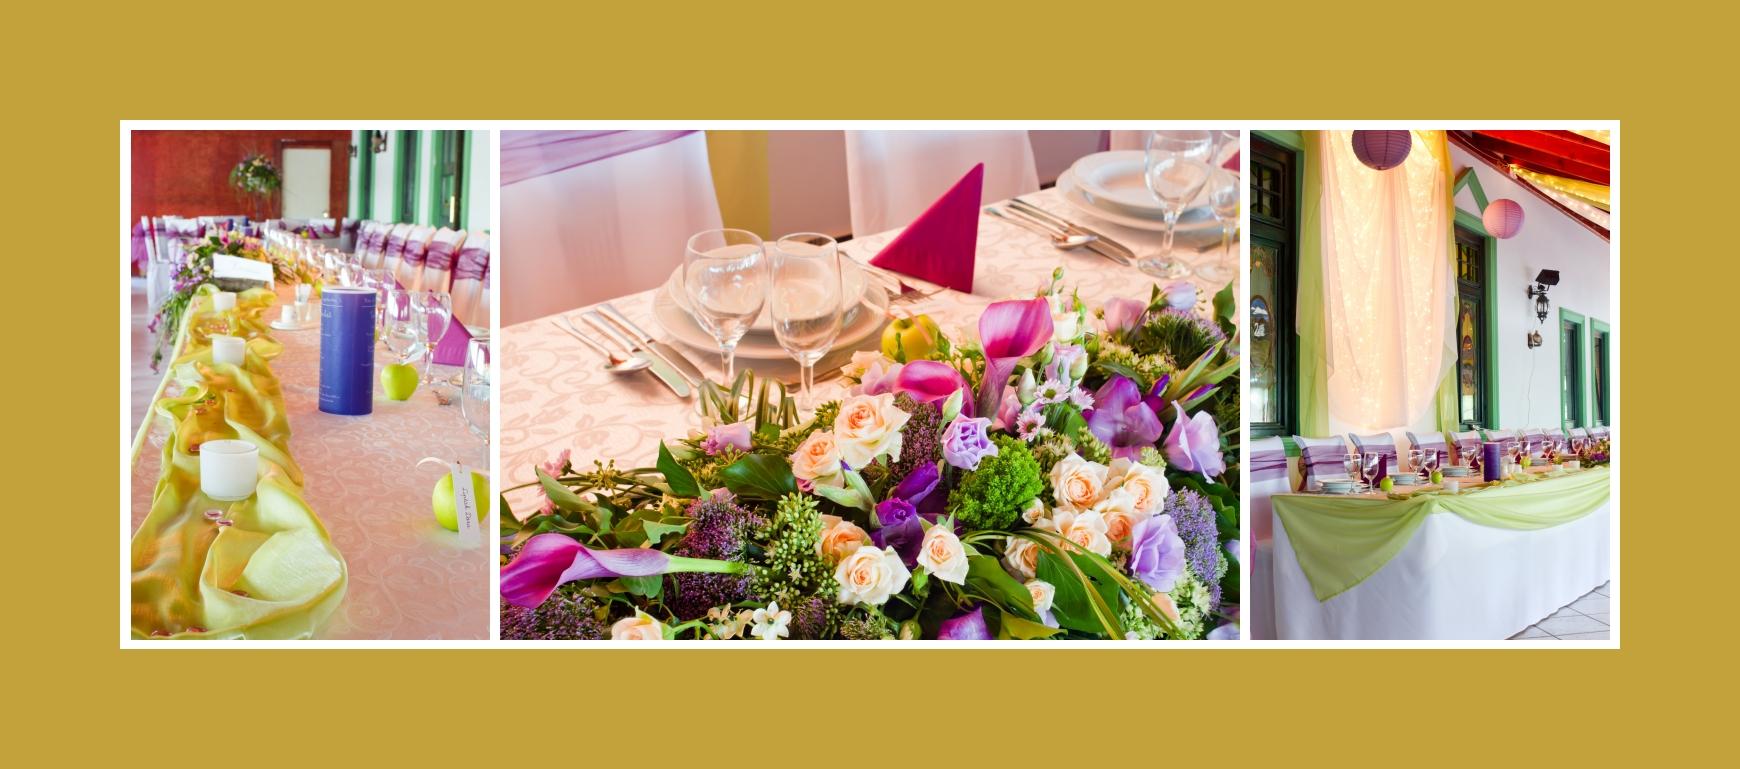 Blumengesteck Hochzeit zentraler Tisch